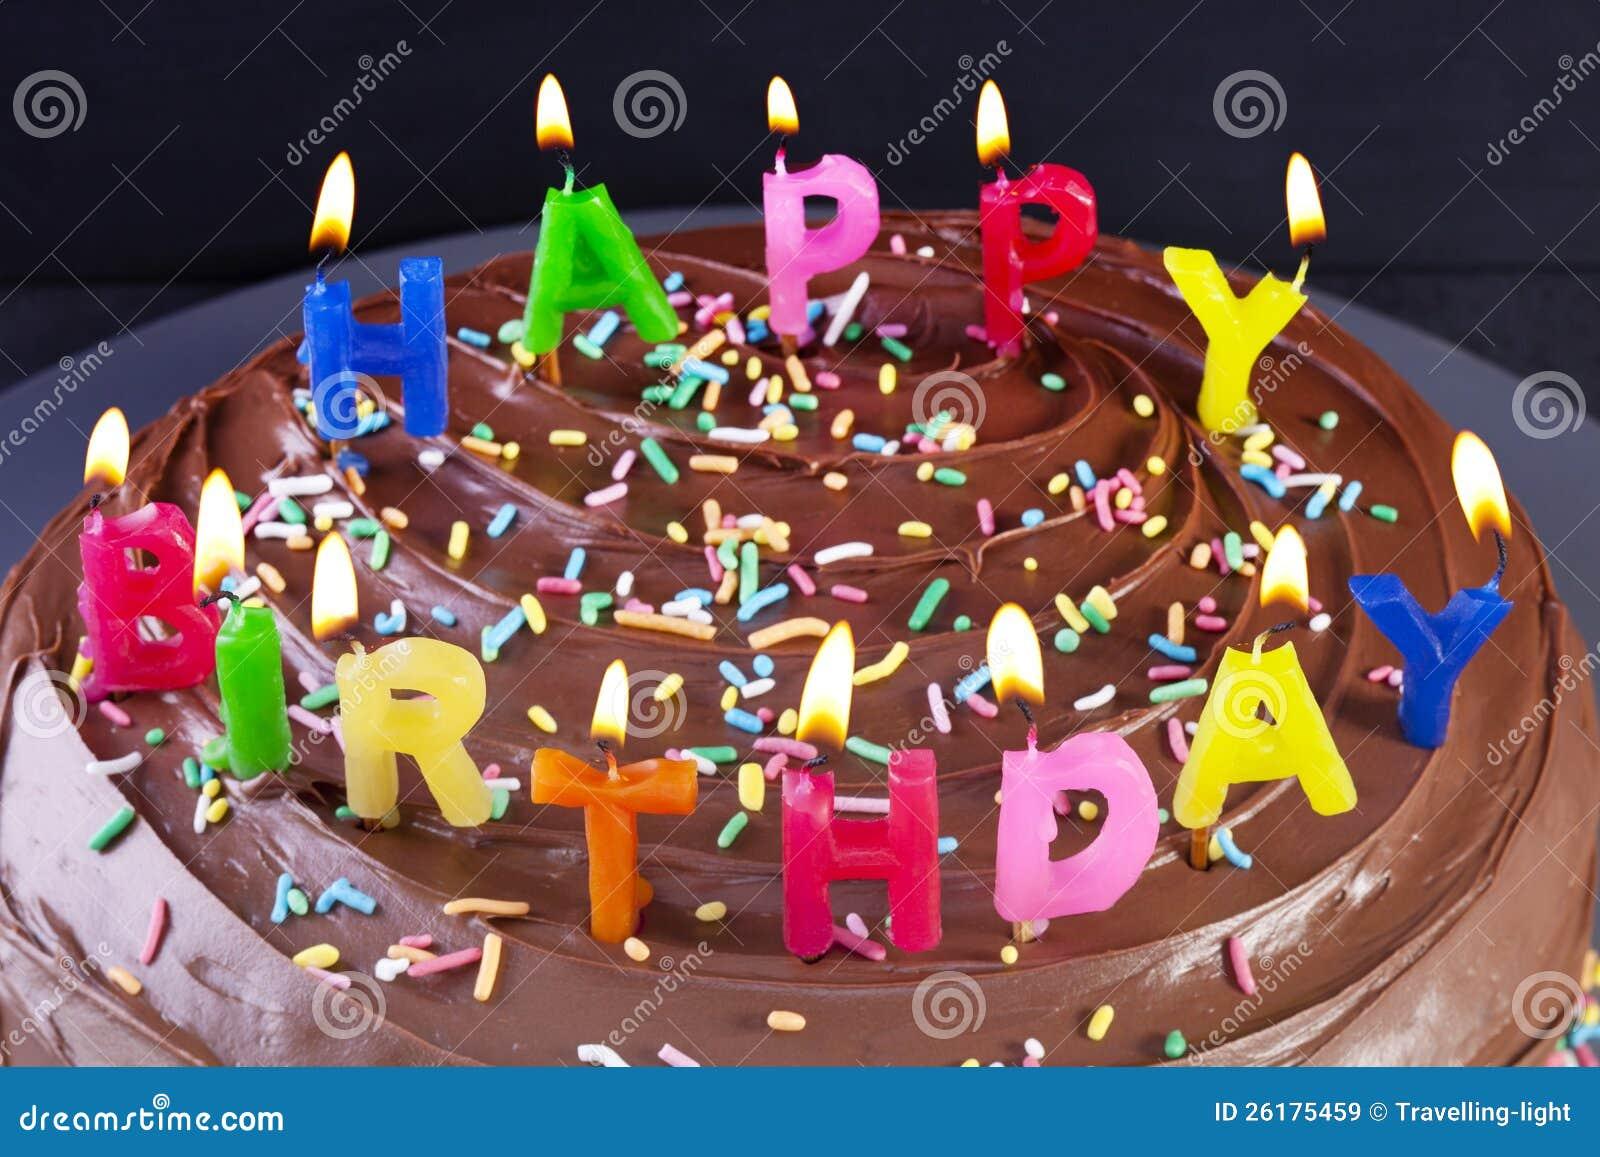 Eccezionale Candele Della Torta Di Buon Compleanno Immagine Stock - Immagine  GO67